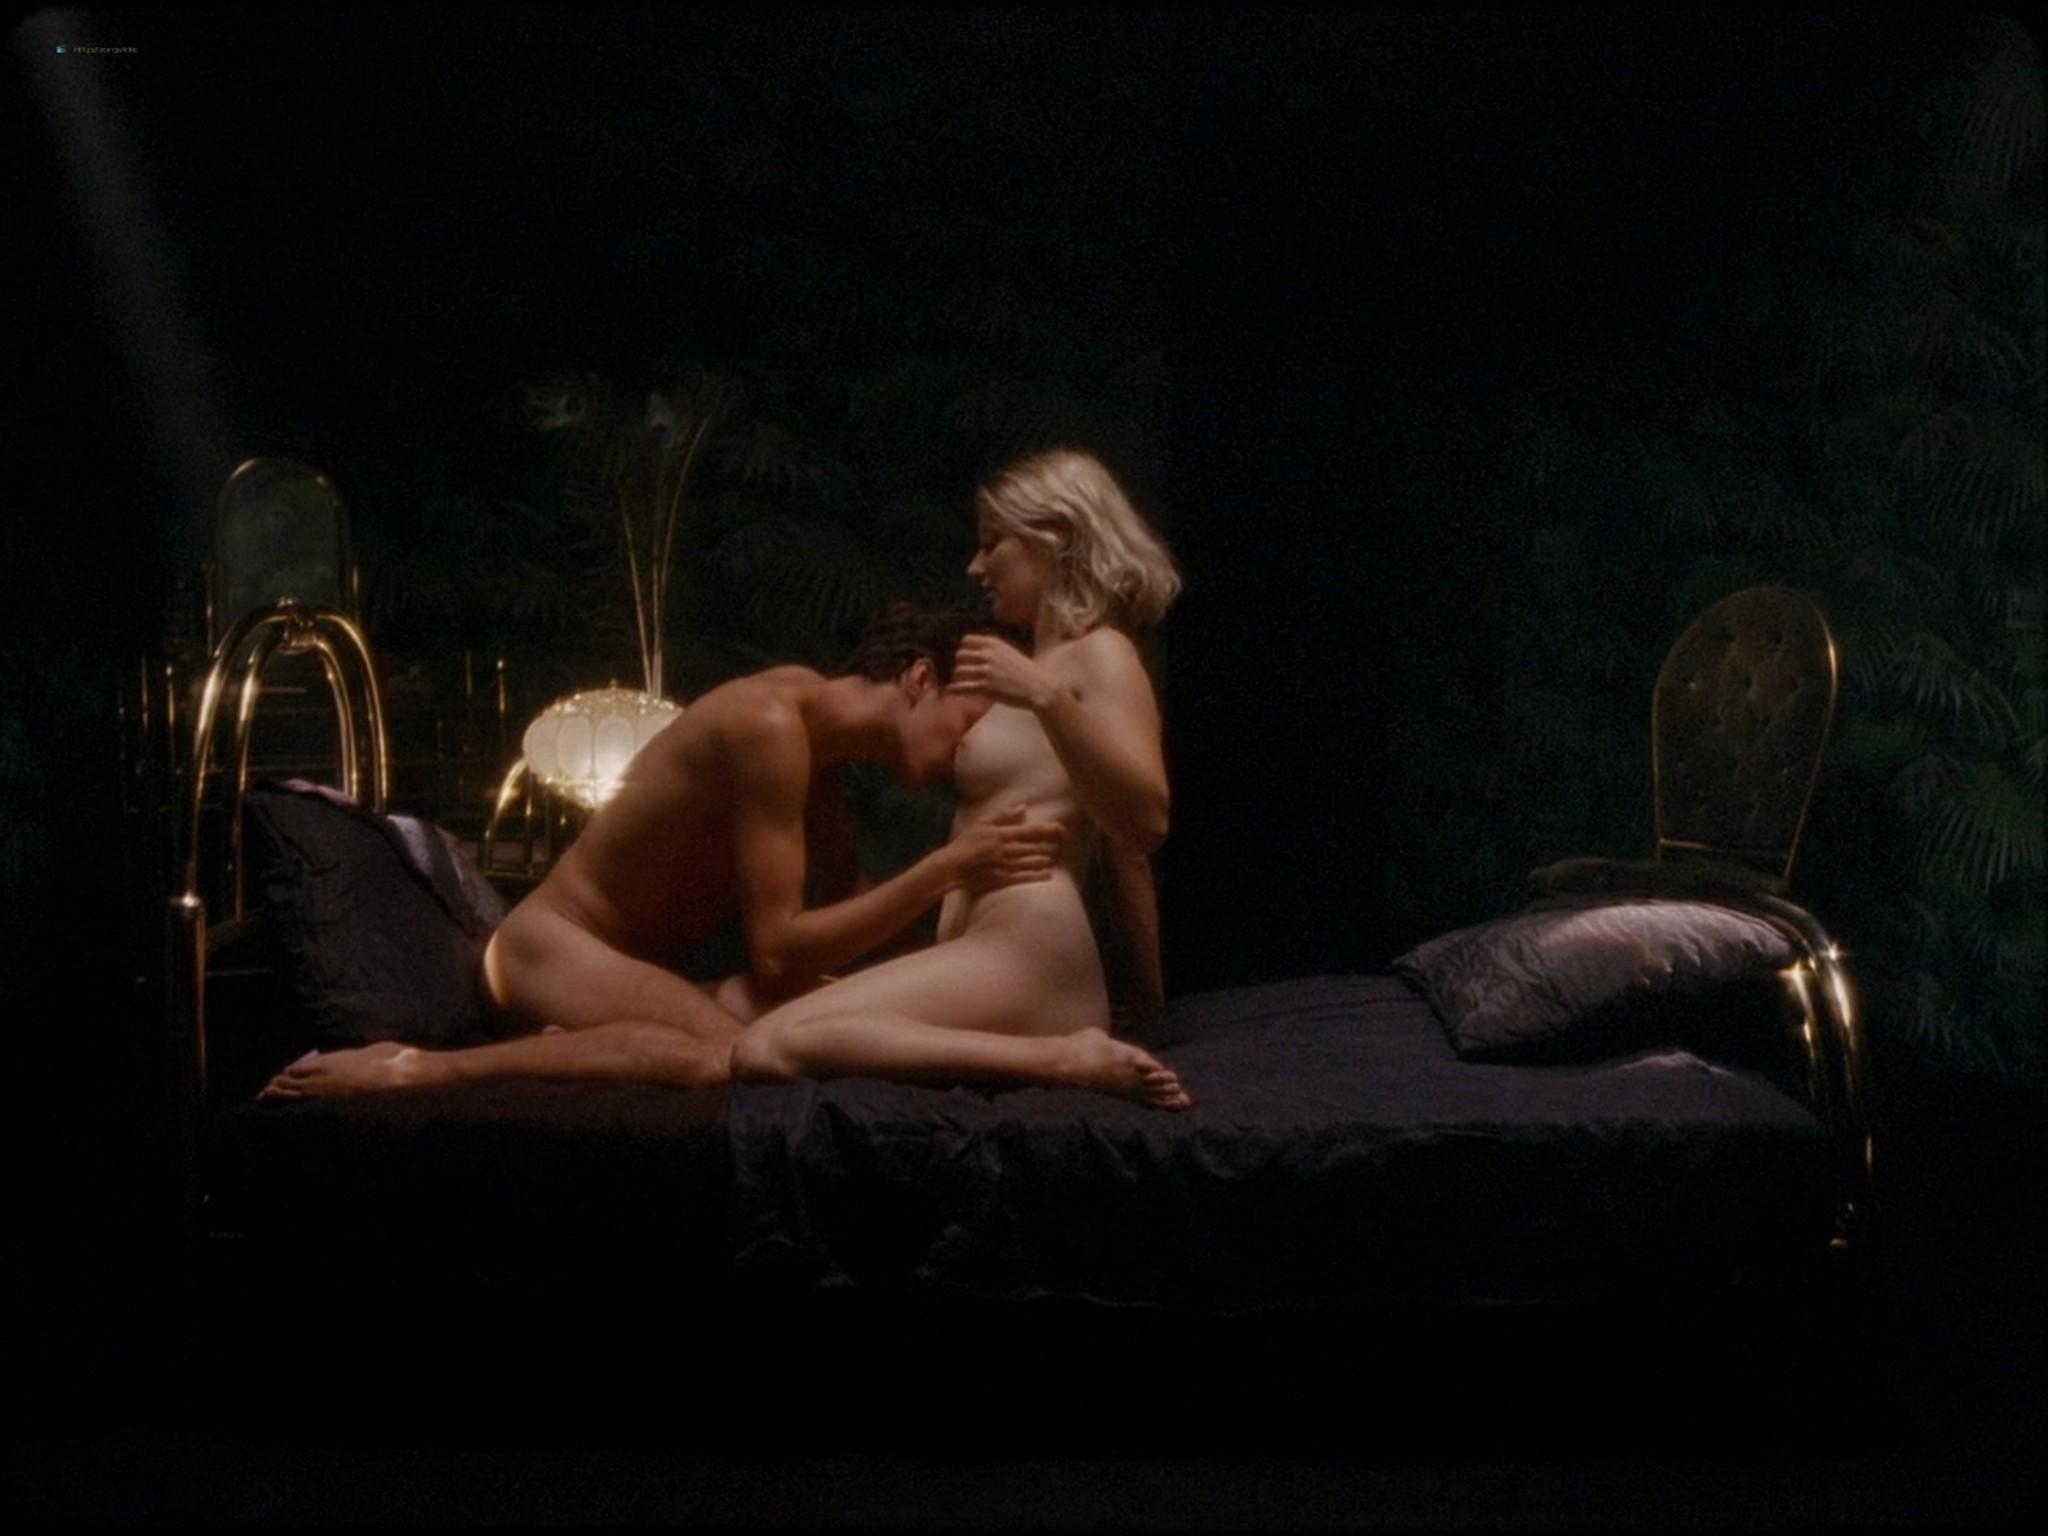 Sarah-Megan Allouch nude Mathilde Mennetrier nude sex - Les îles (2017) HD 1080p (17)